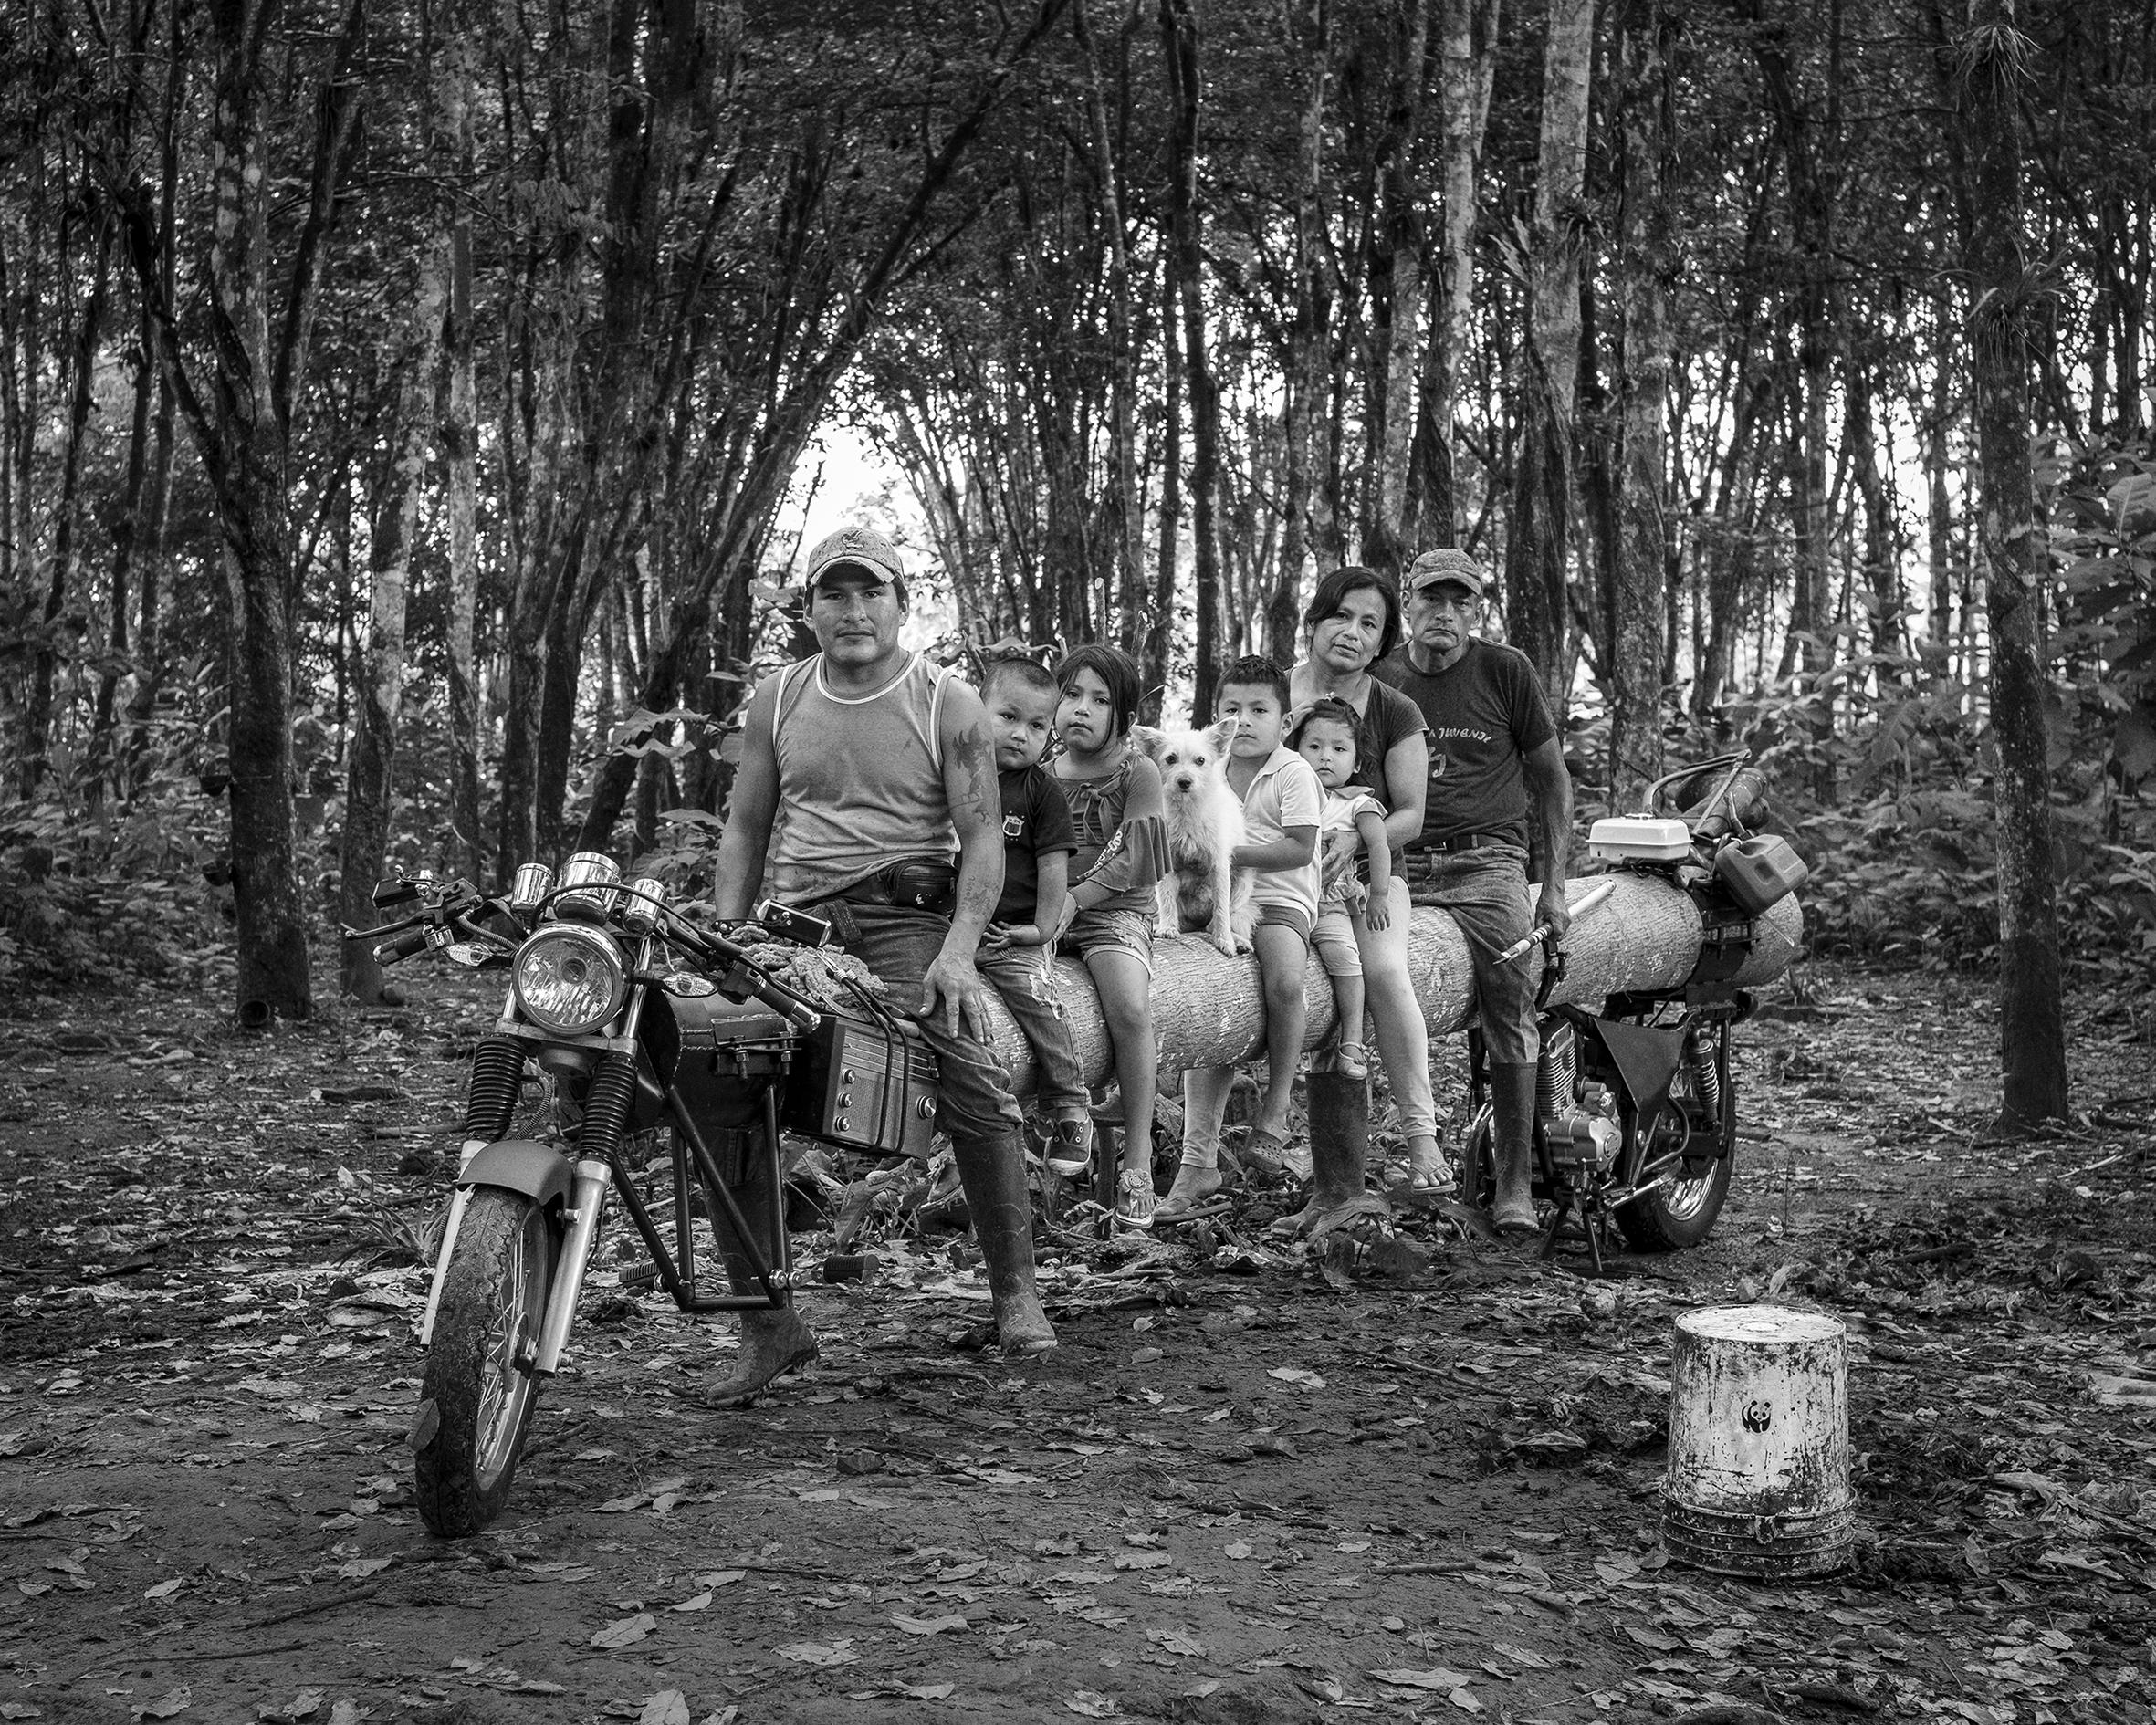 Adrián Balseca, <i>Proyecto para retrato familiar (Cuji-Grefa)</i>, Santo Domingo de los Tsáchilas, 2019. Courtesy of the artist